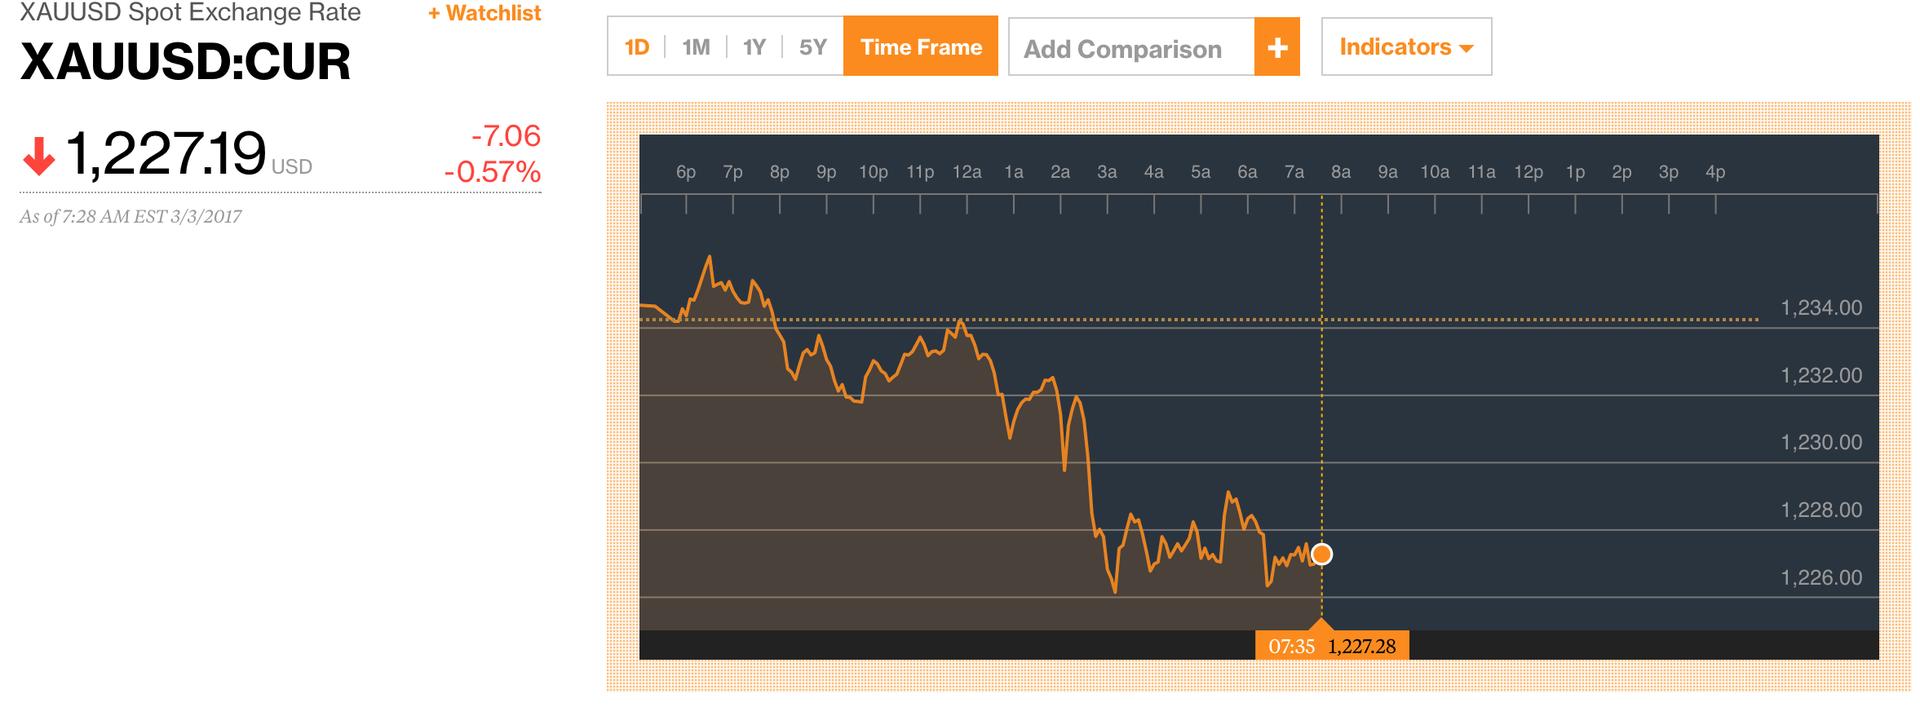 Такой дорогой: в четверг курс биткоина впервые превысил стоимость унции золота - 2